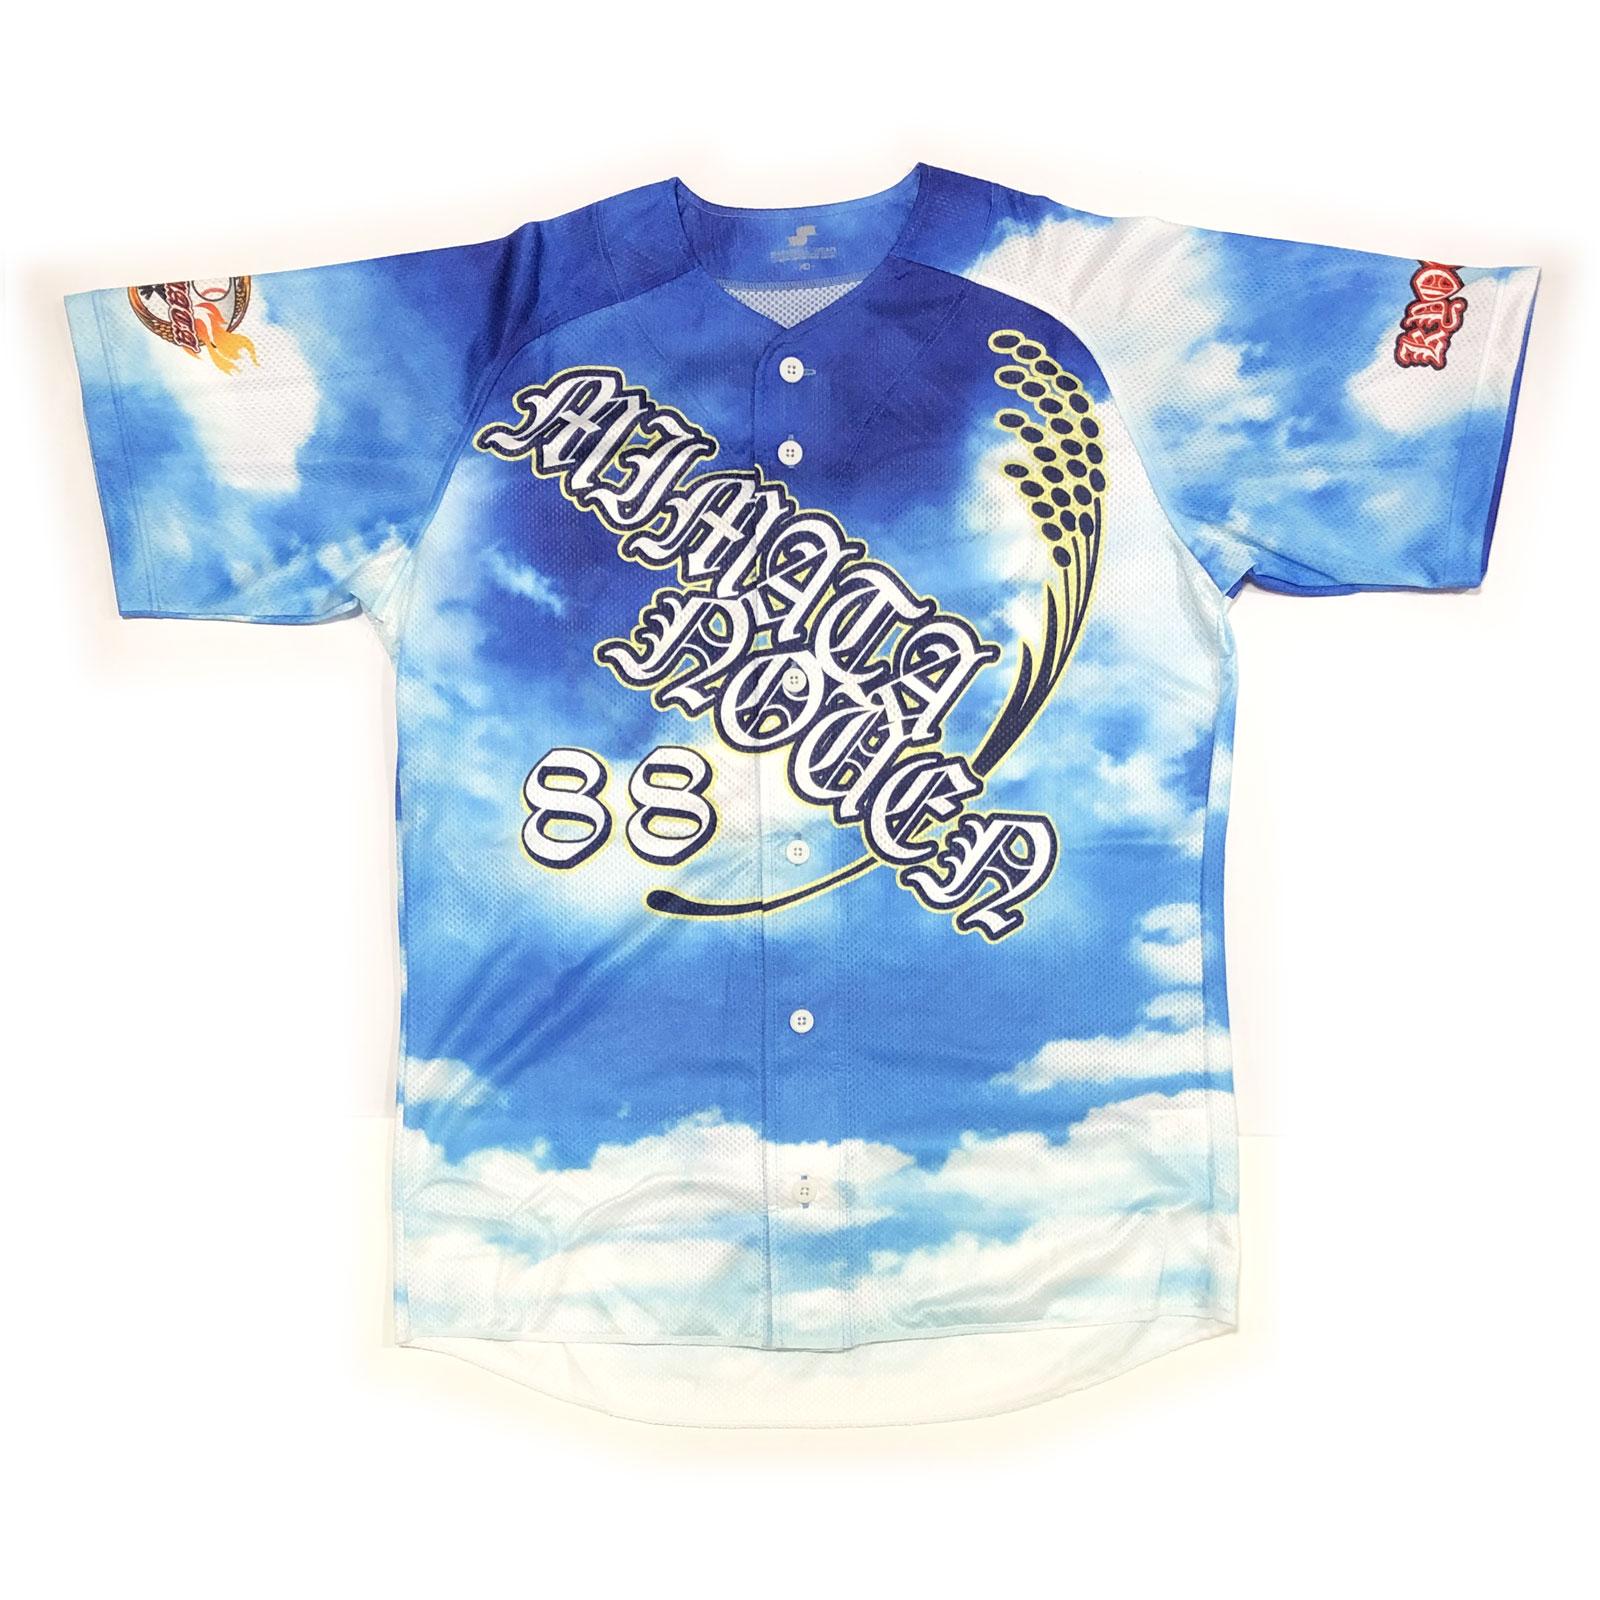 SSK昇華ユニフォームシャツ